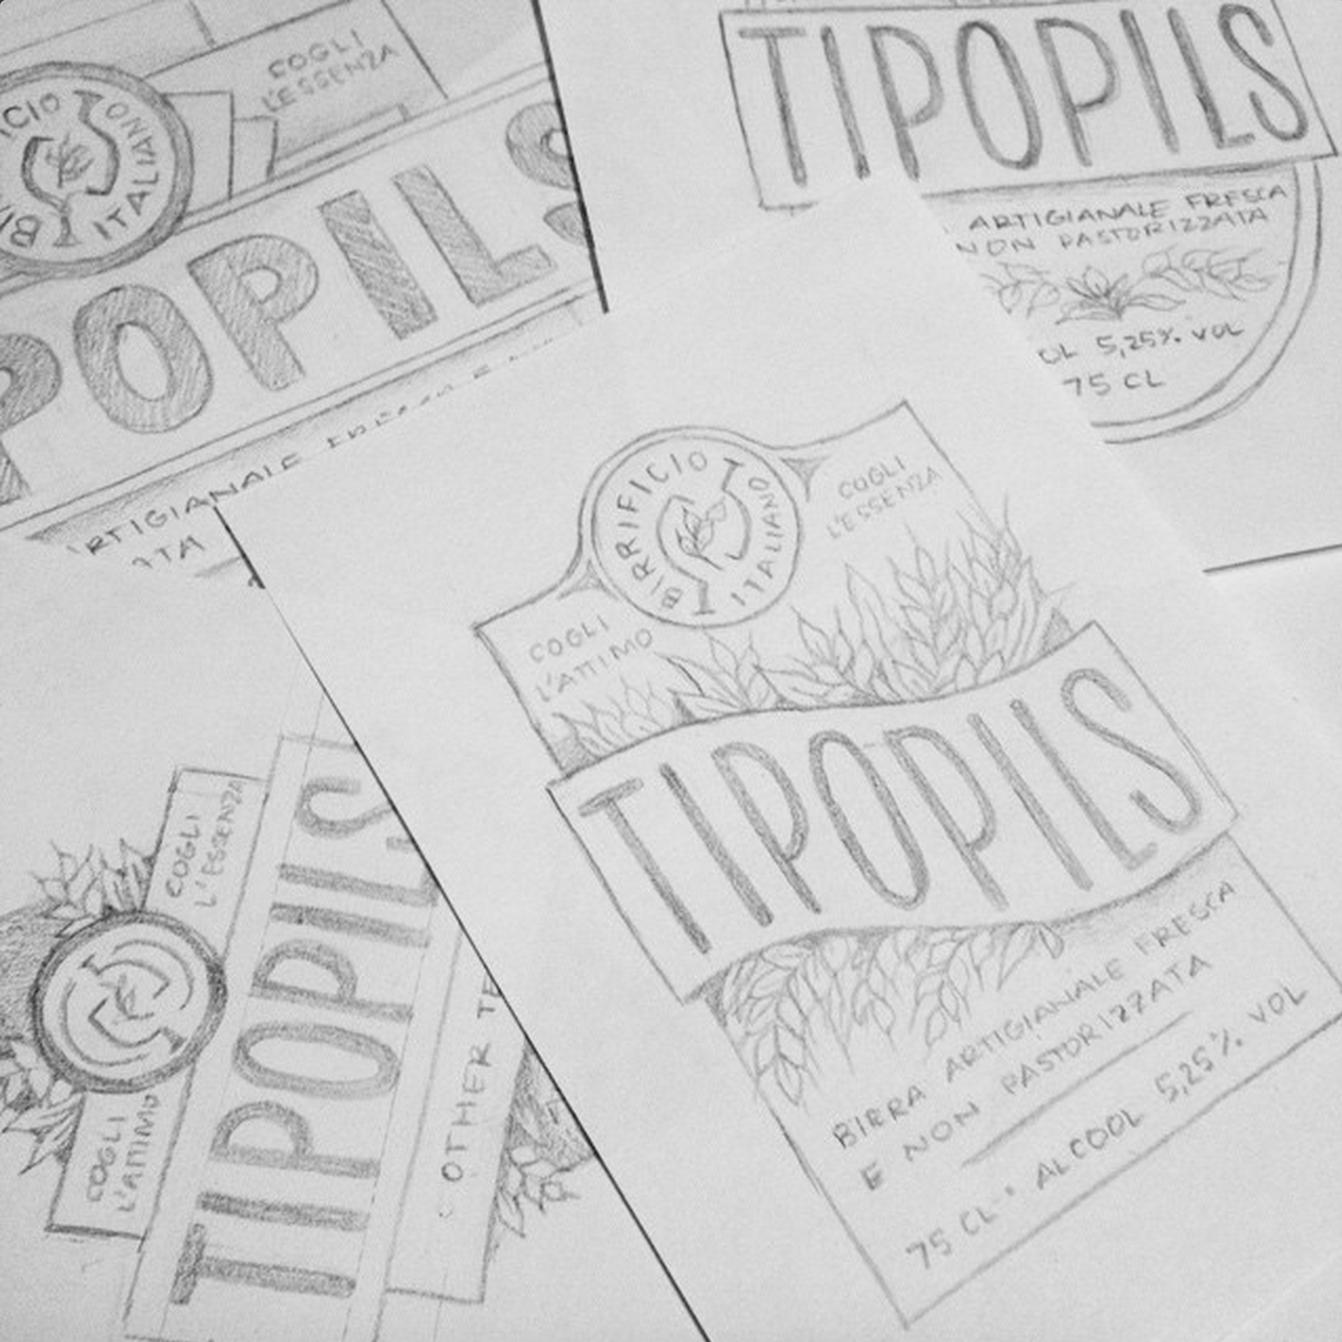 tipopils